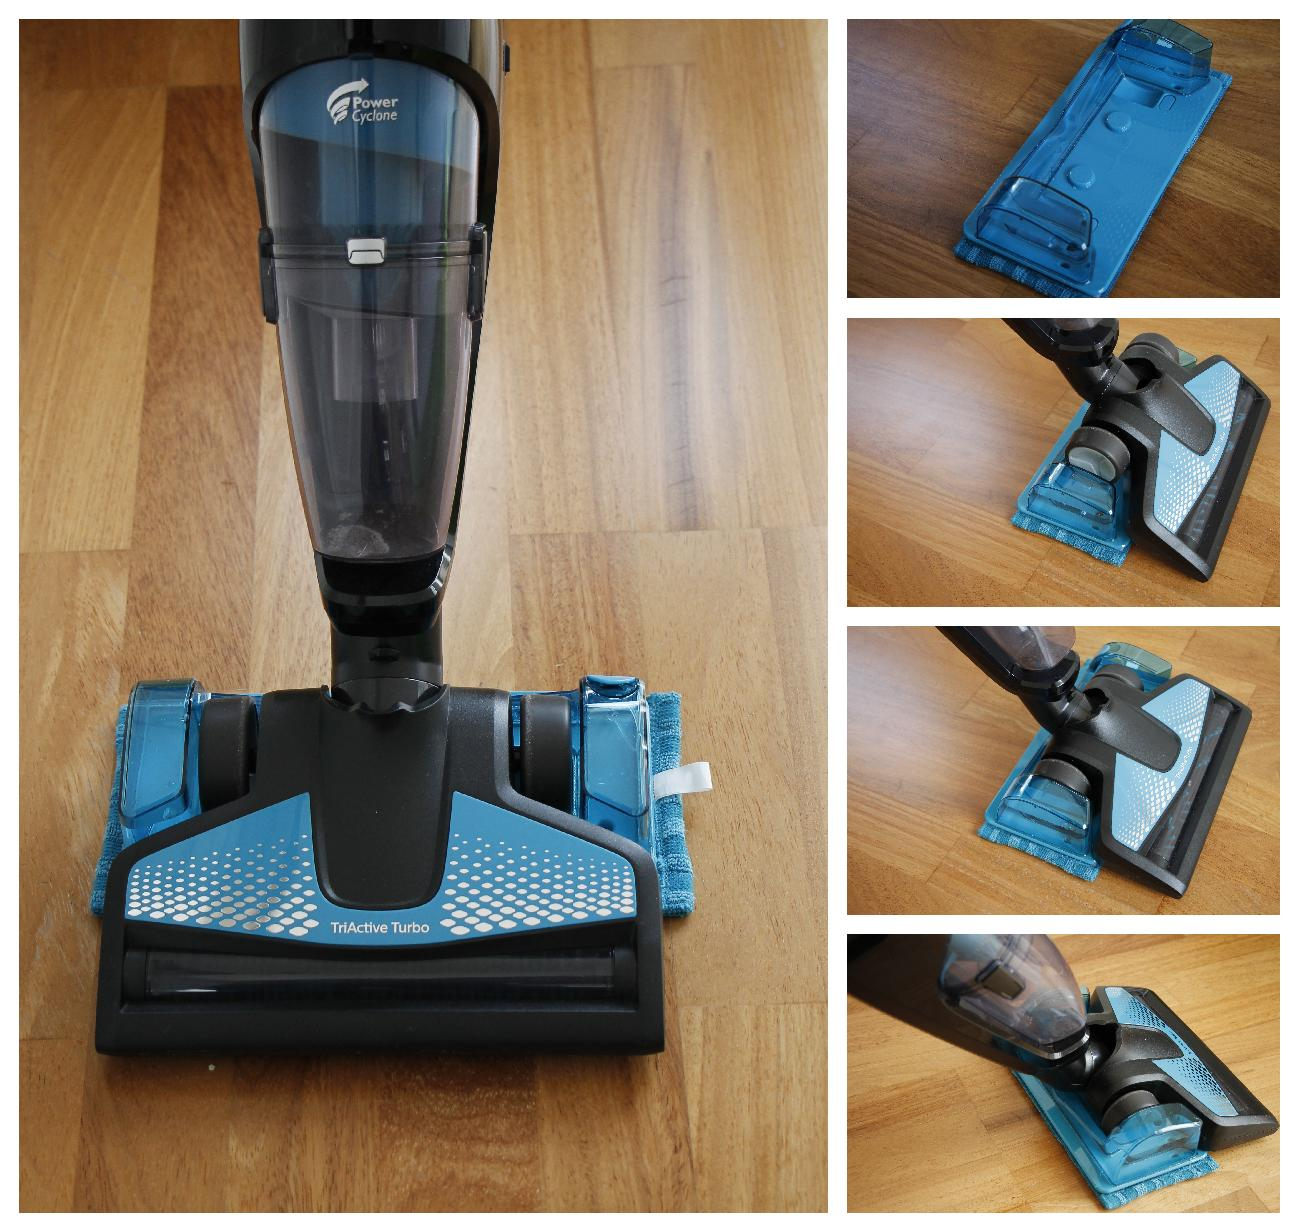 mit dem philips powerpro aqua staubsaugen und wischen auf einmal lavendelblog. Black Bedroom Furniture Sets. Home Design Ideas